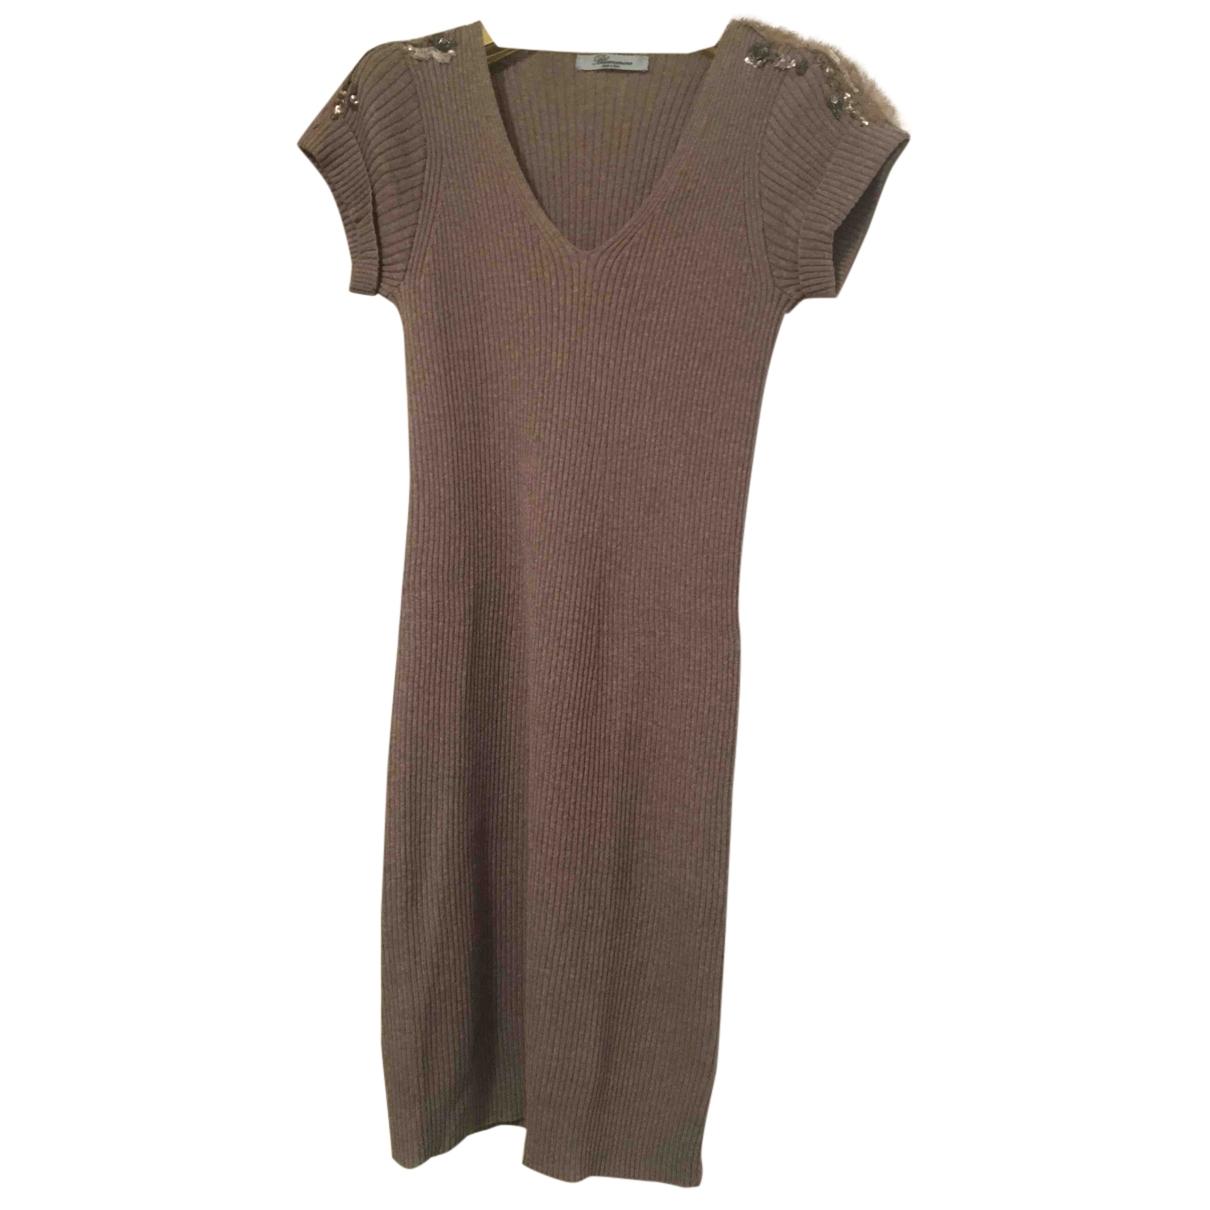 Blumarine \N Kleid in  Khaki Wolle